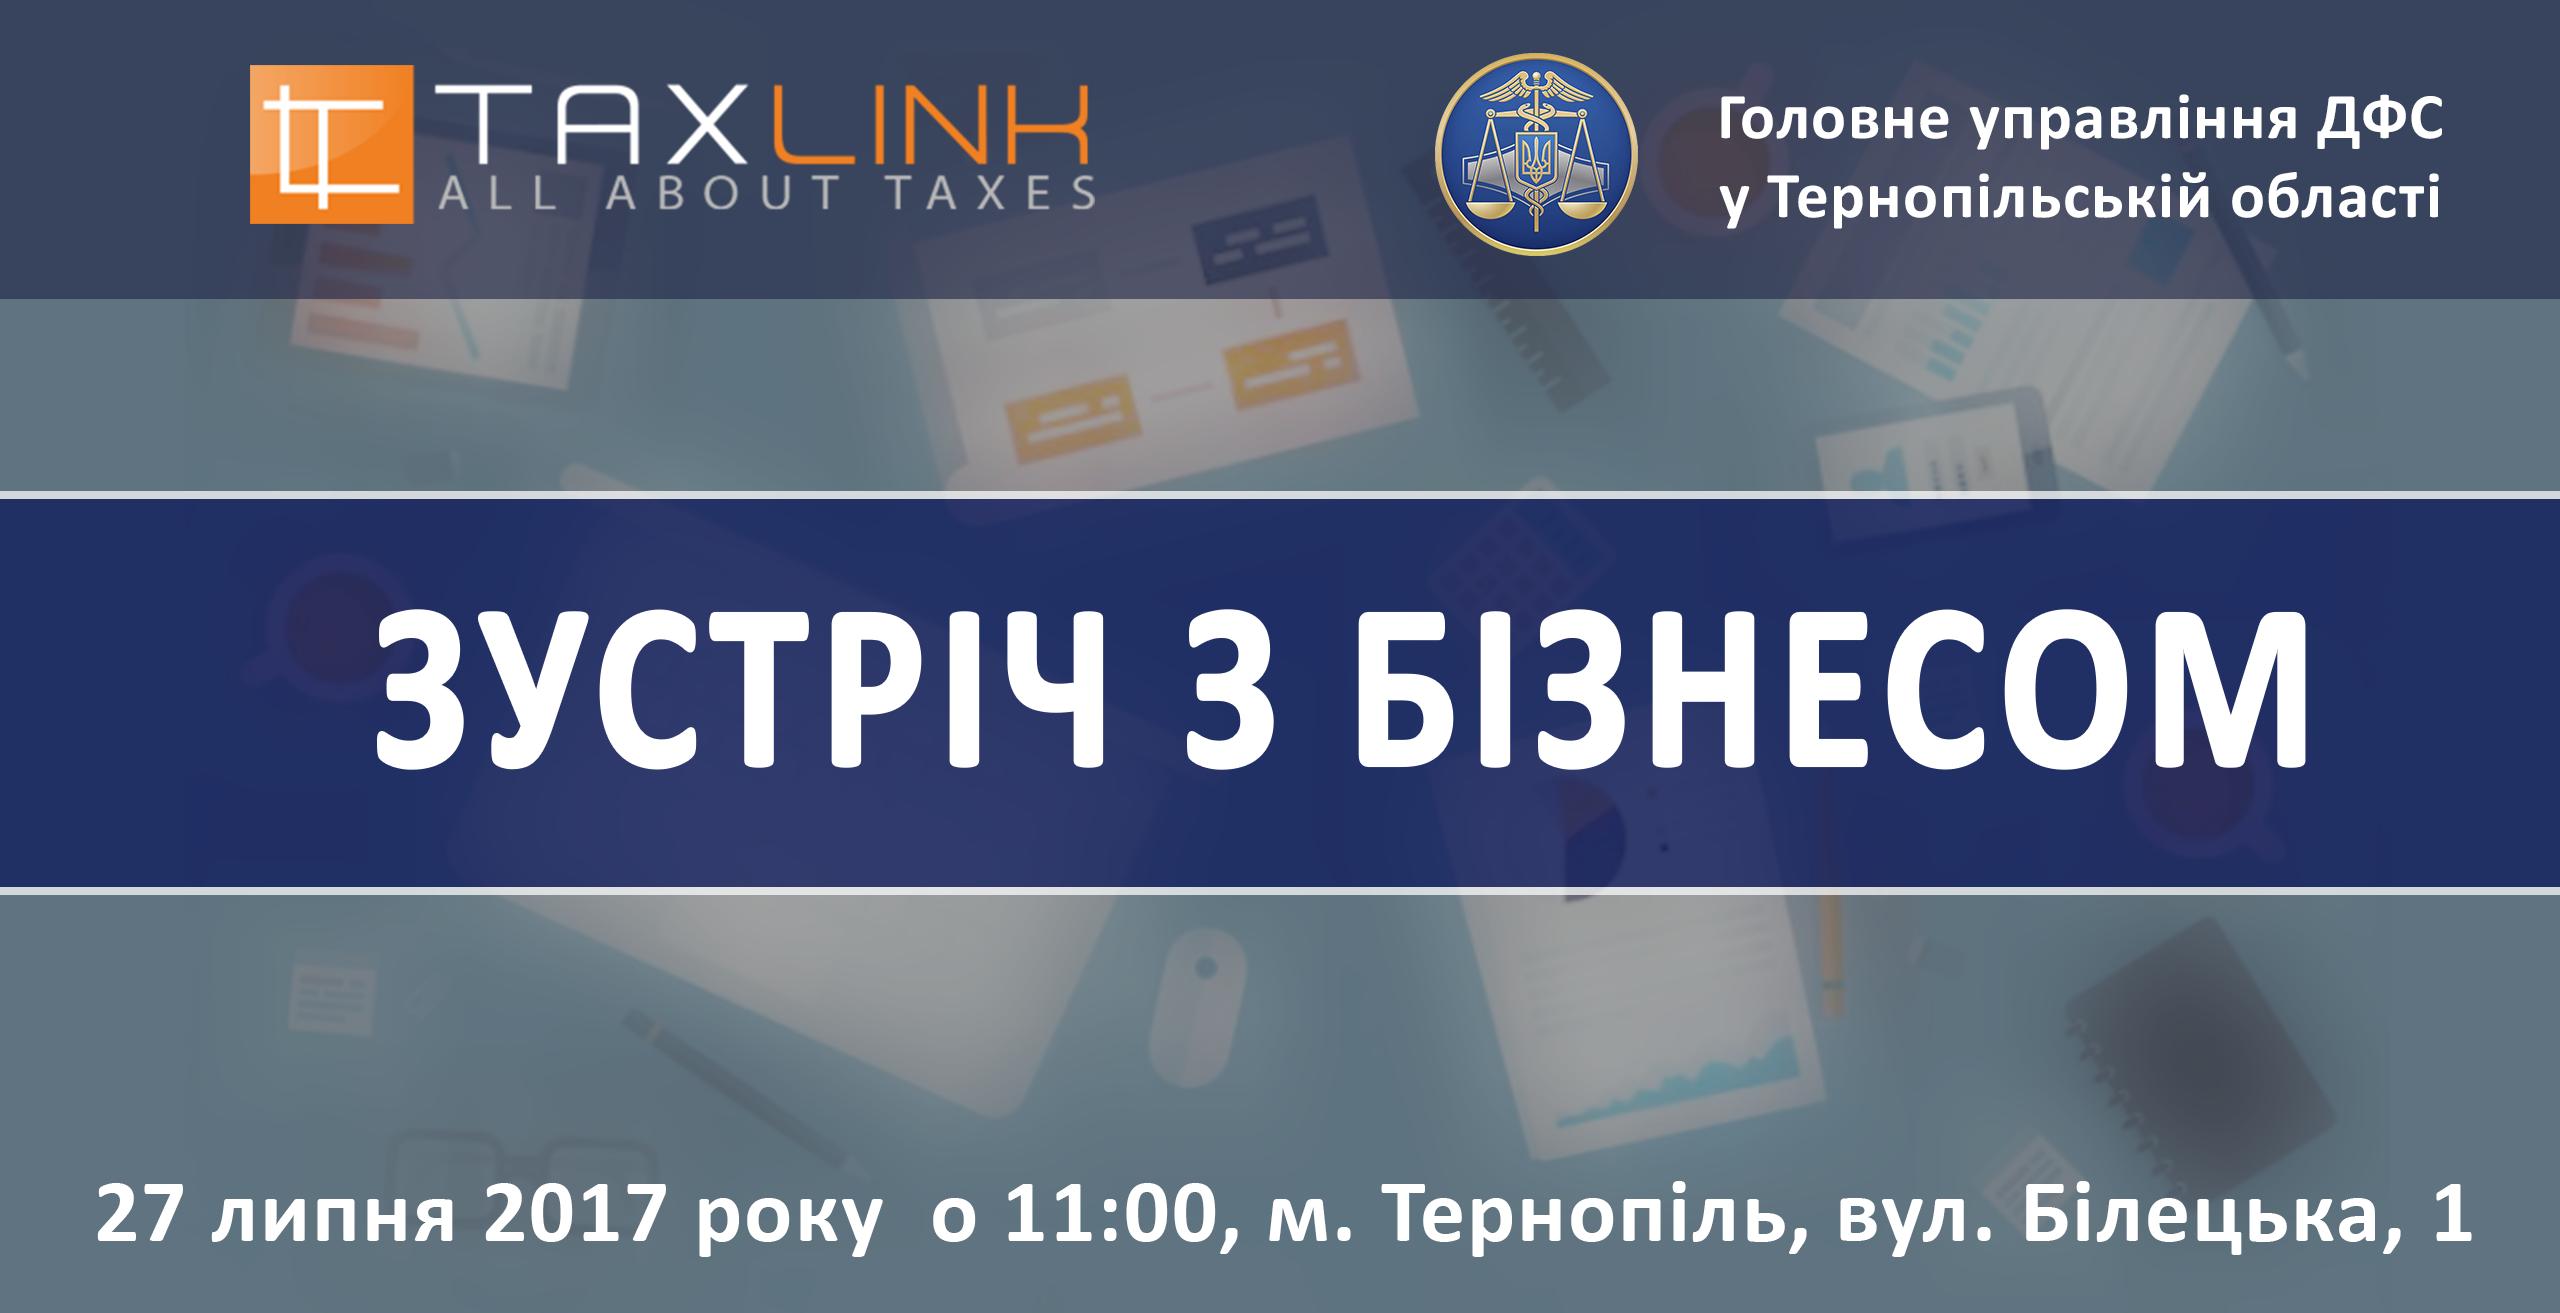 Баннер Тернополь_5 (1)